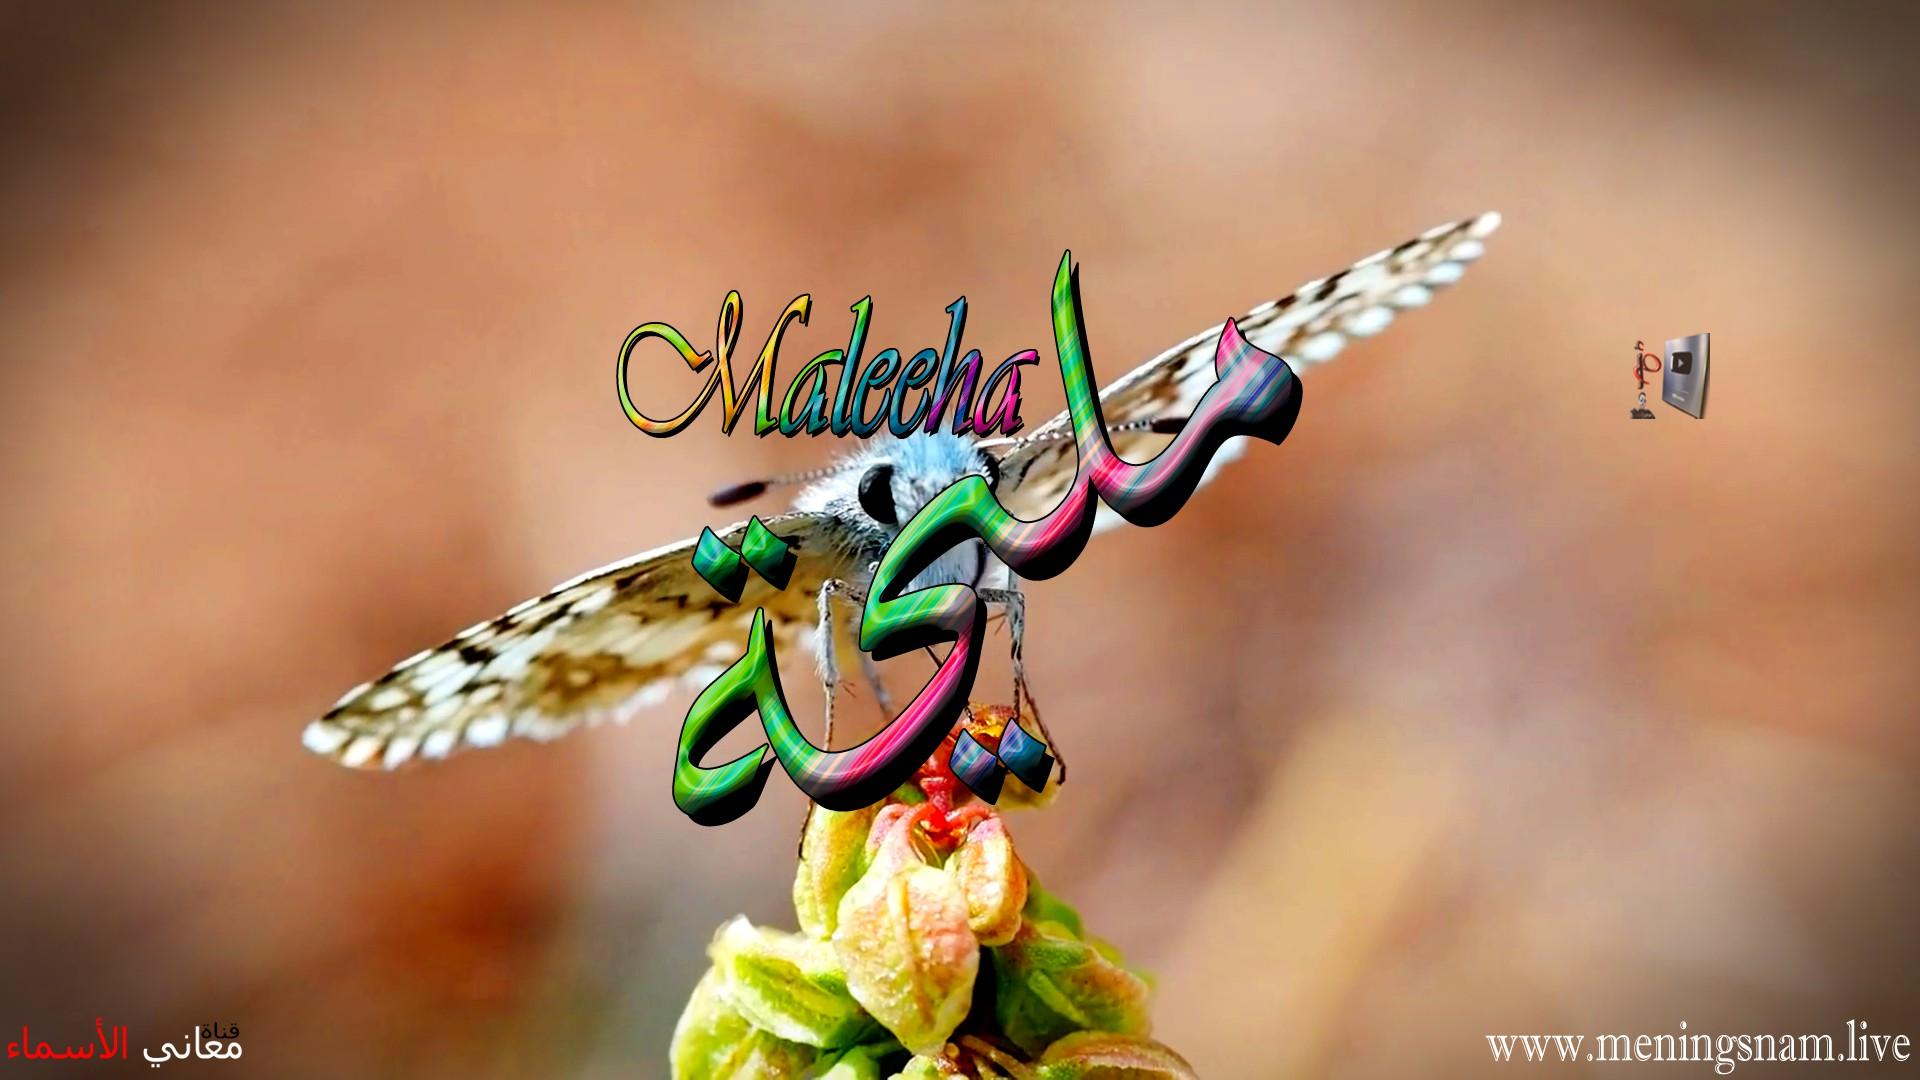 معنى اسم مليحة وصفات حاملة هذا الاسم Maleeha